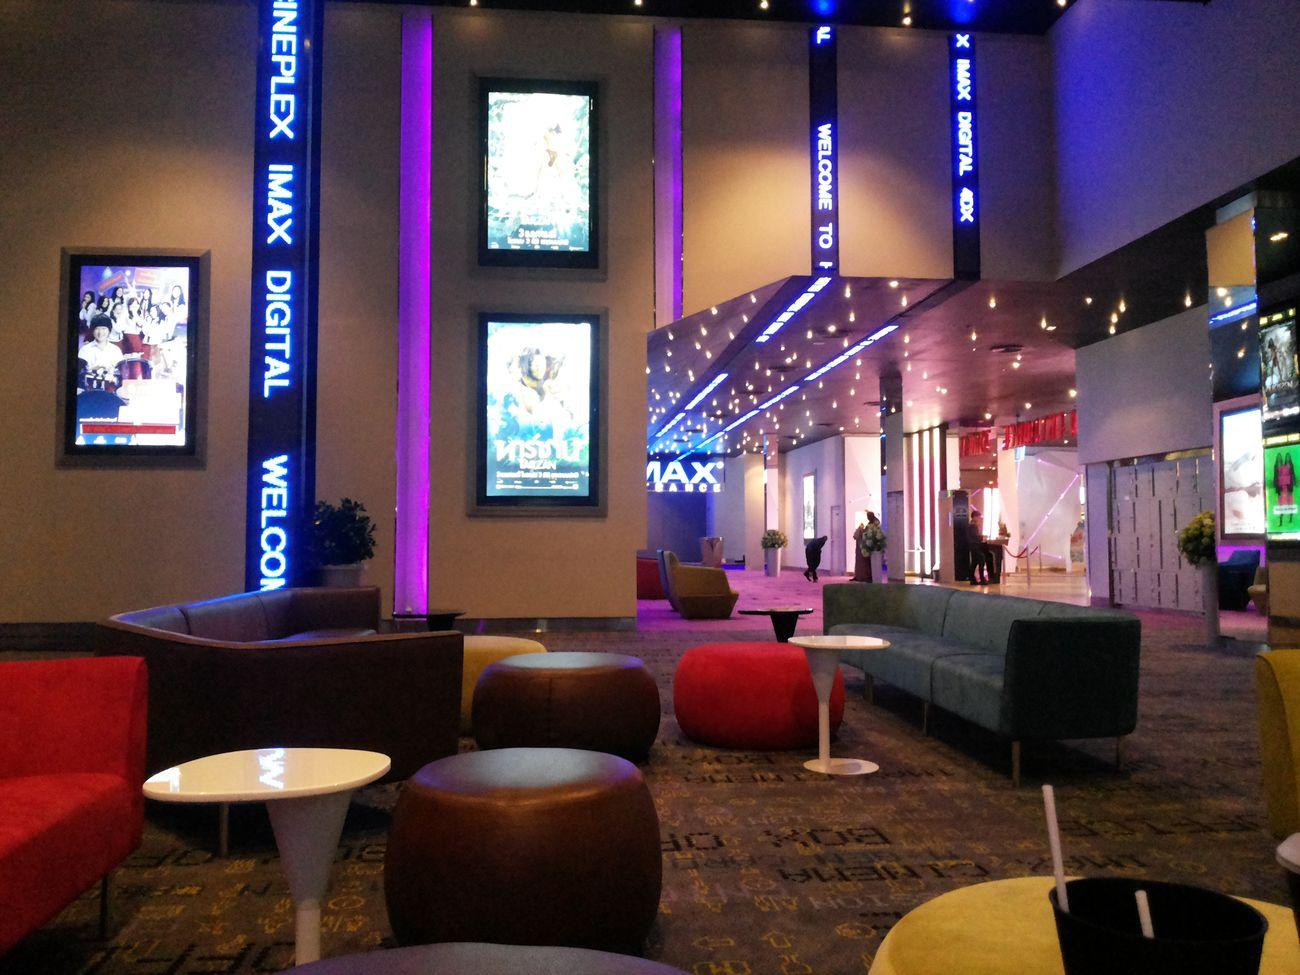 Divergent IMAX รอบที่3 Movies Divergent Imax Hatyai Cineplex